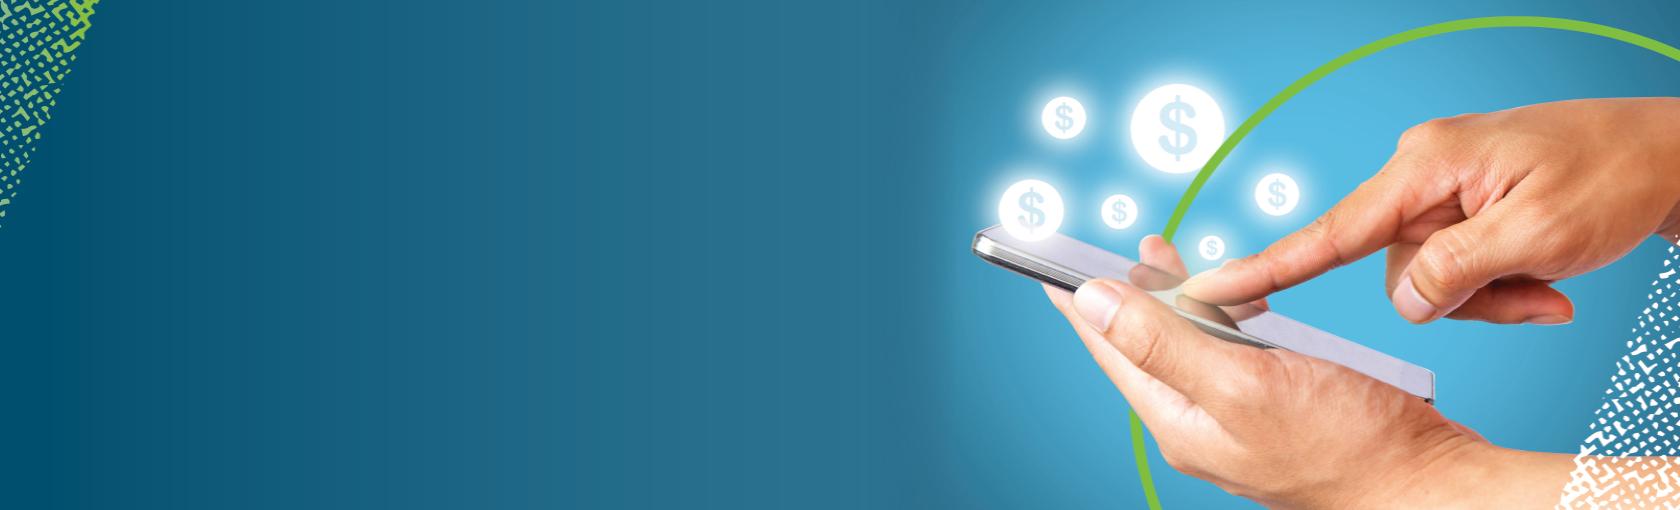 Construir la seguridad social del siglo XXI desde el celular